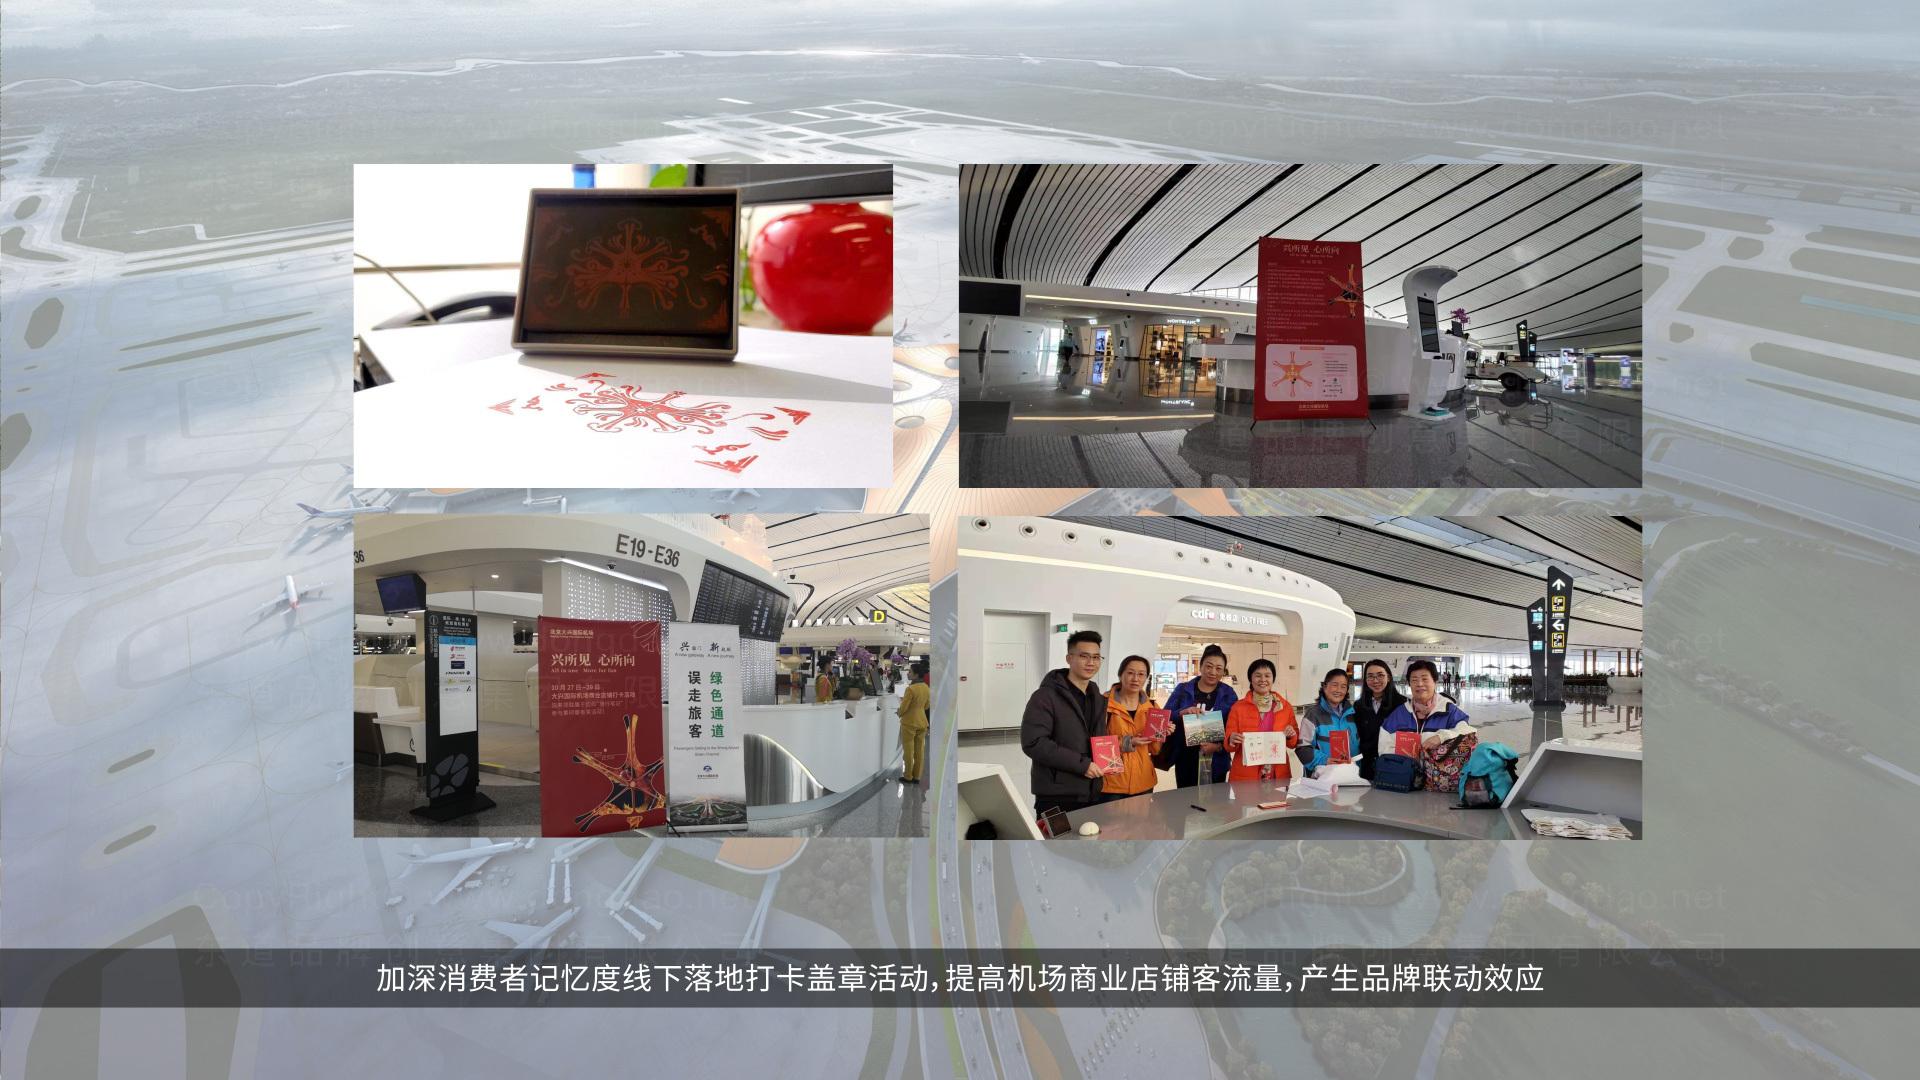 公关传播大兴机场品牌战略+传播推广应用场景_9